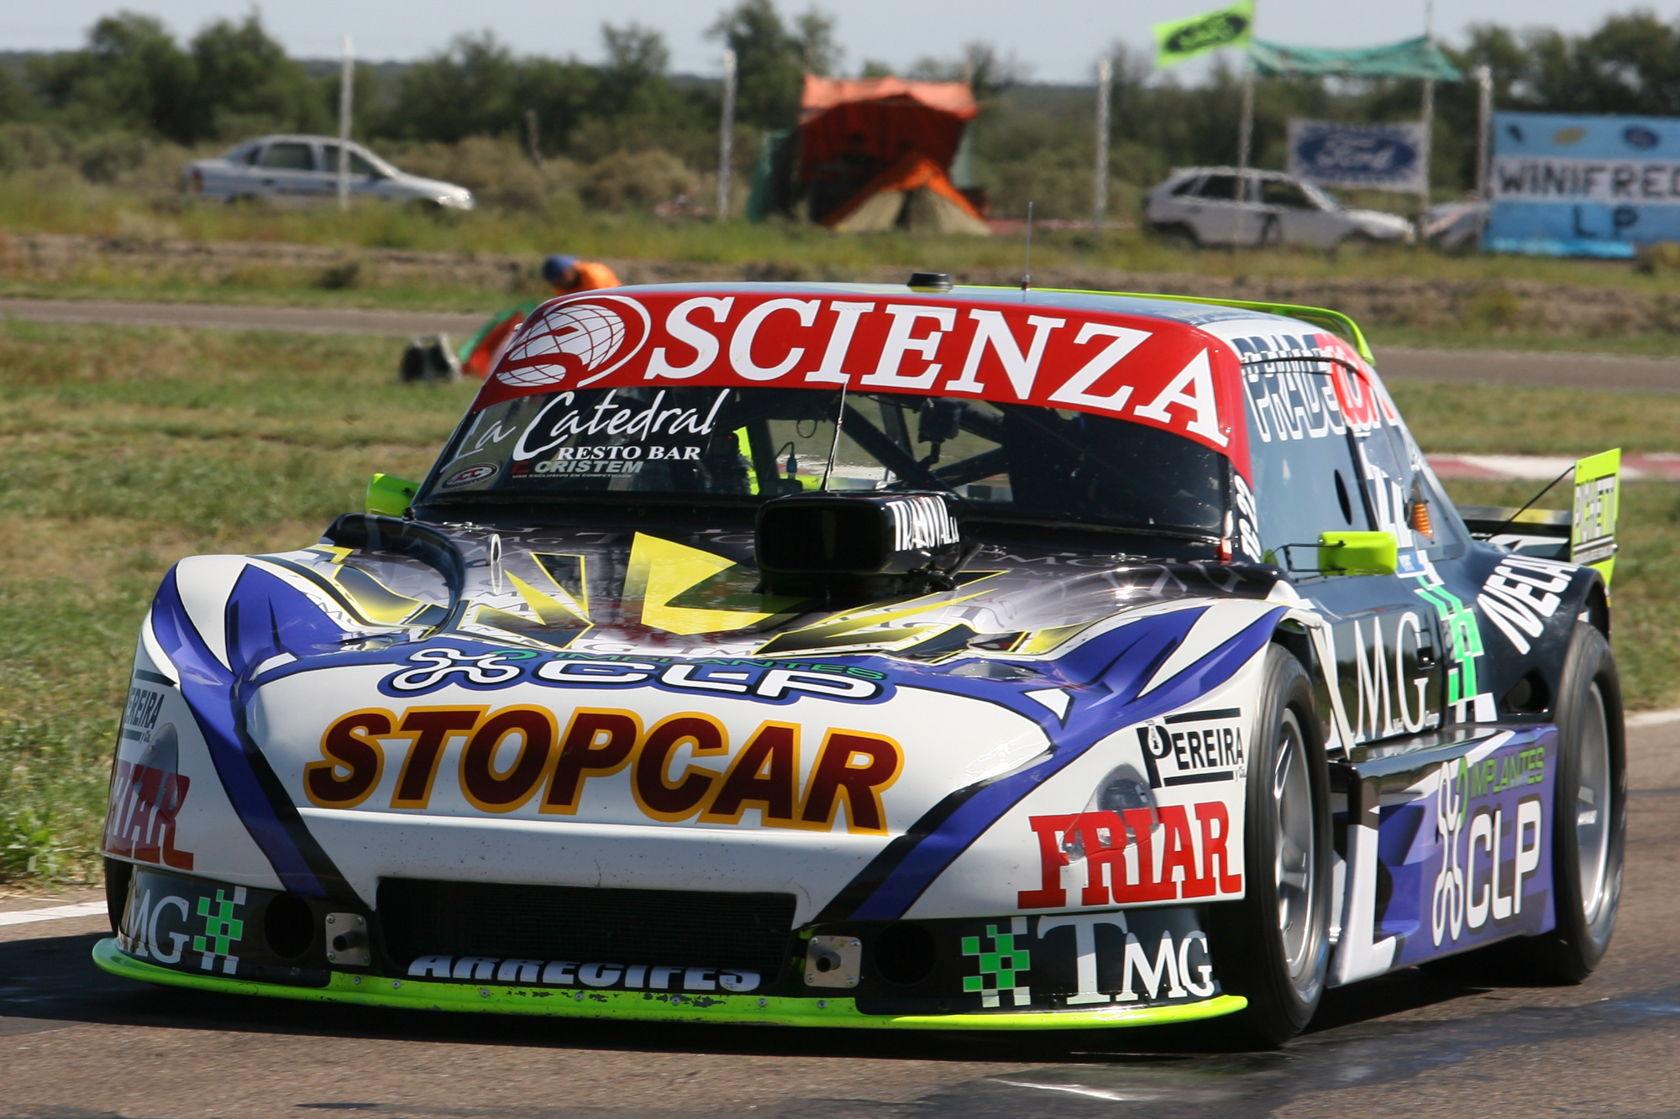 Самая уродливая гоночная машина и другие запоминающиеся фото недели